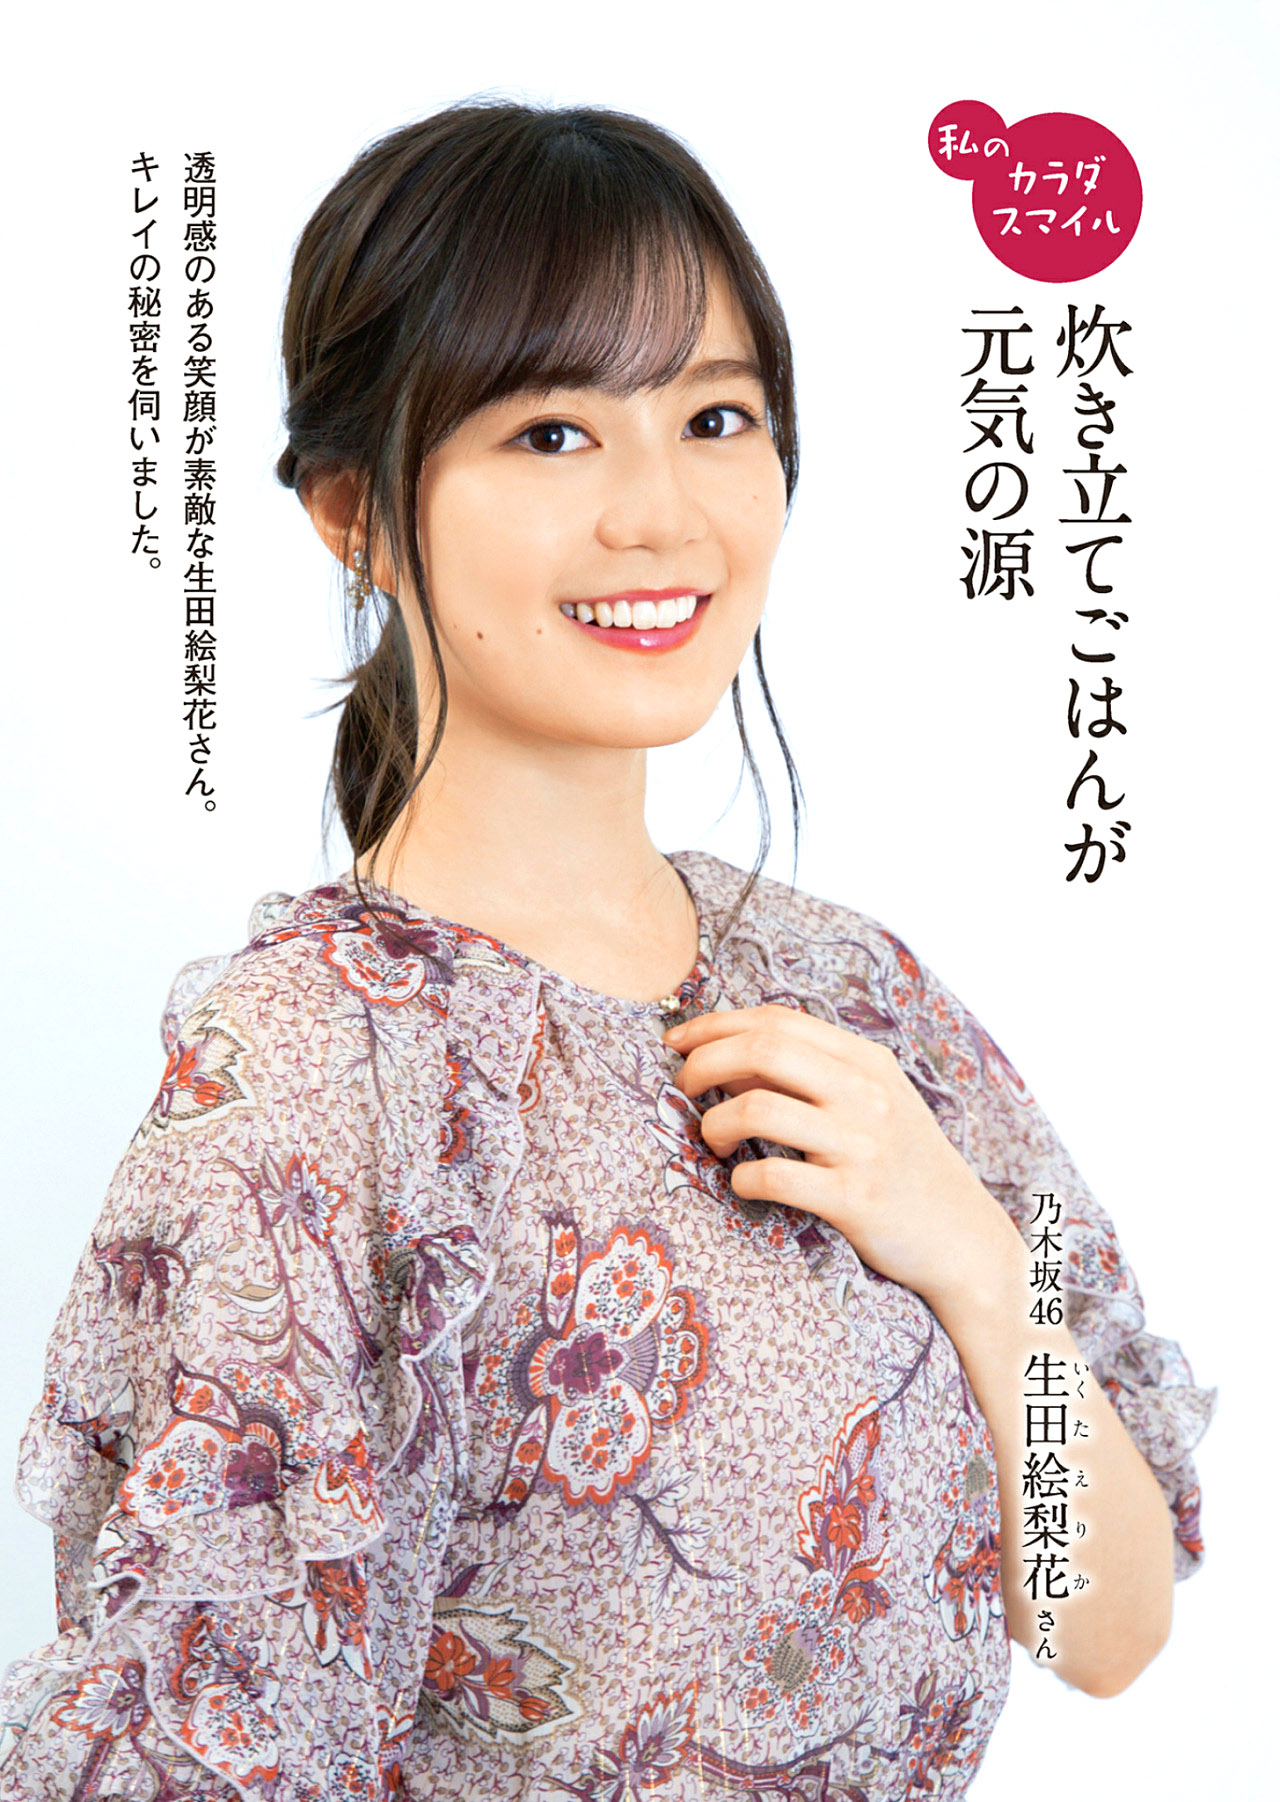 EIkuta PHP Body Smile 1912 01.jpg